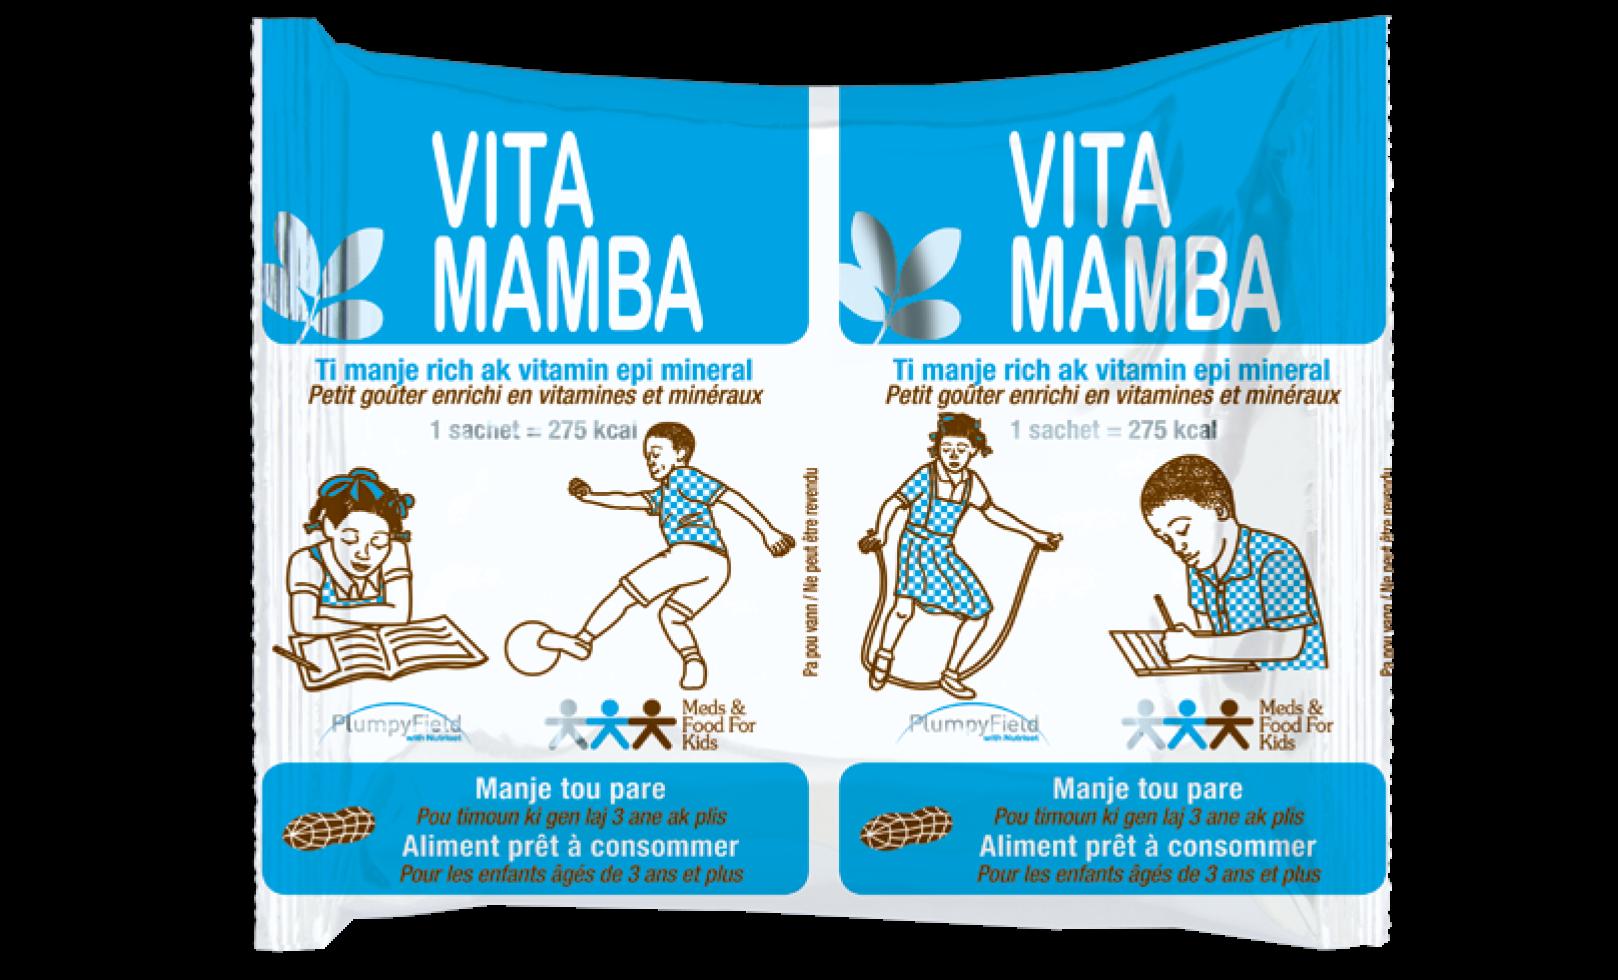 Vita Mamba product image